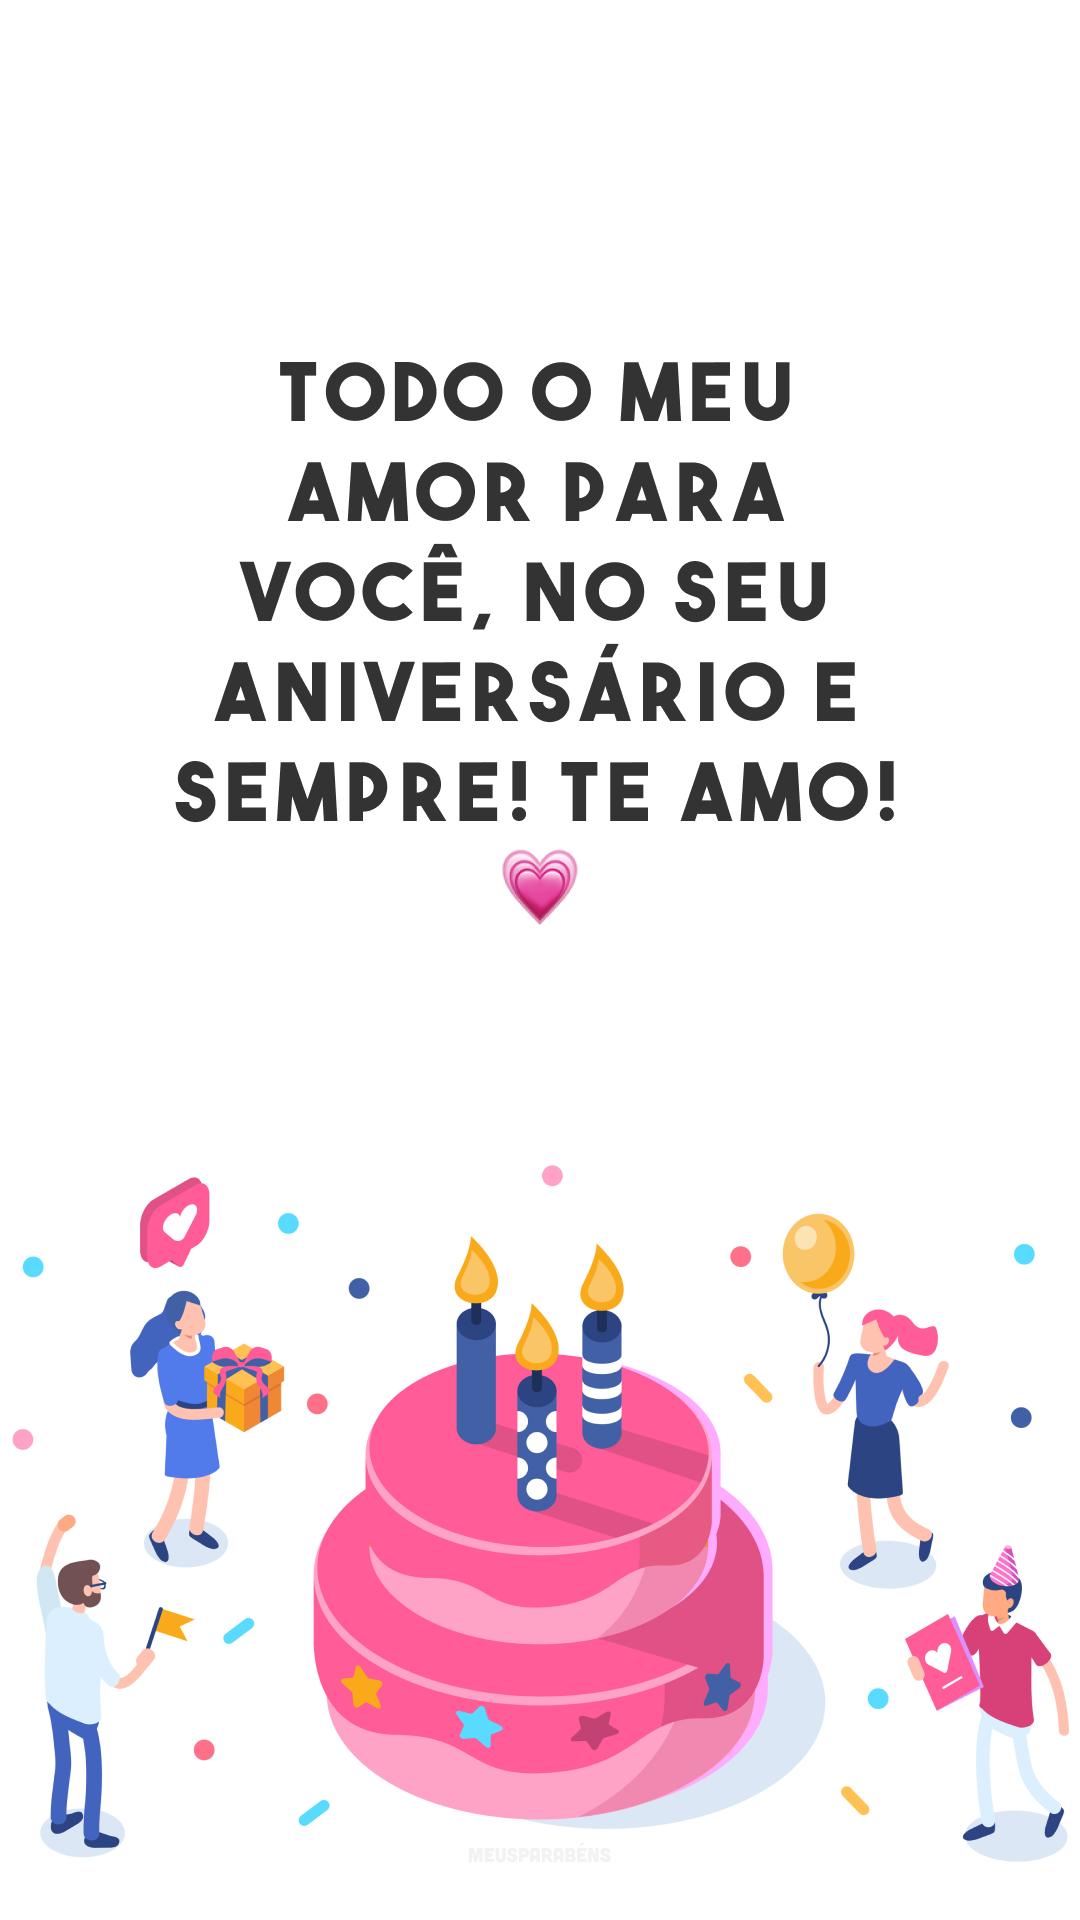 Todo o meu amor para você, no seu aniversário e sempre! Te amo! 💗